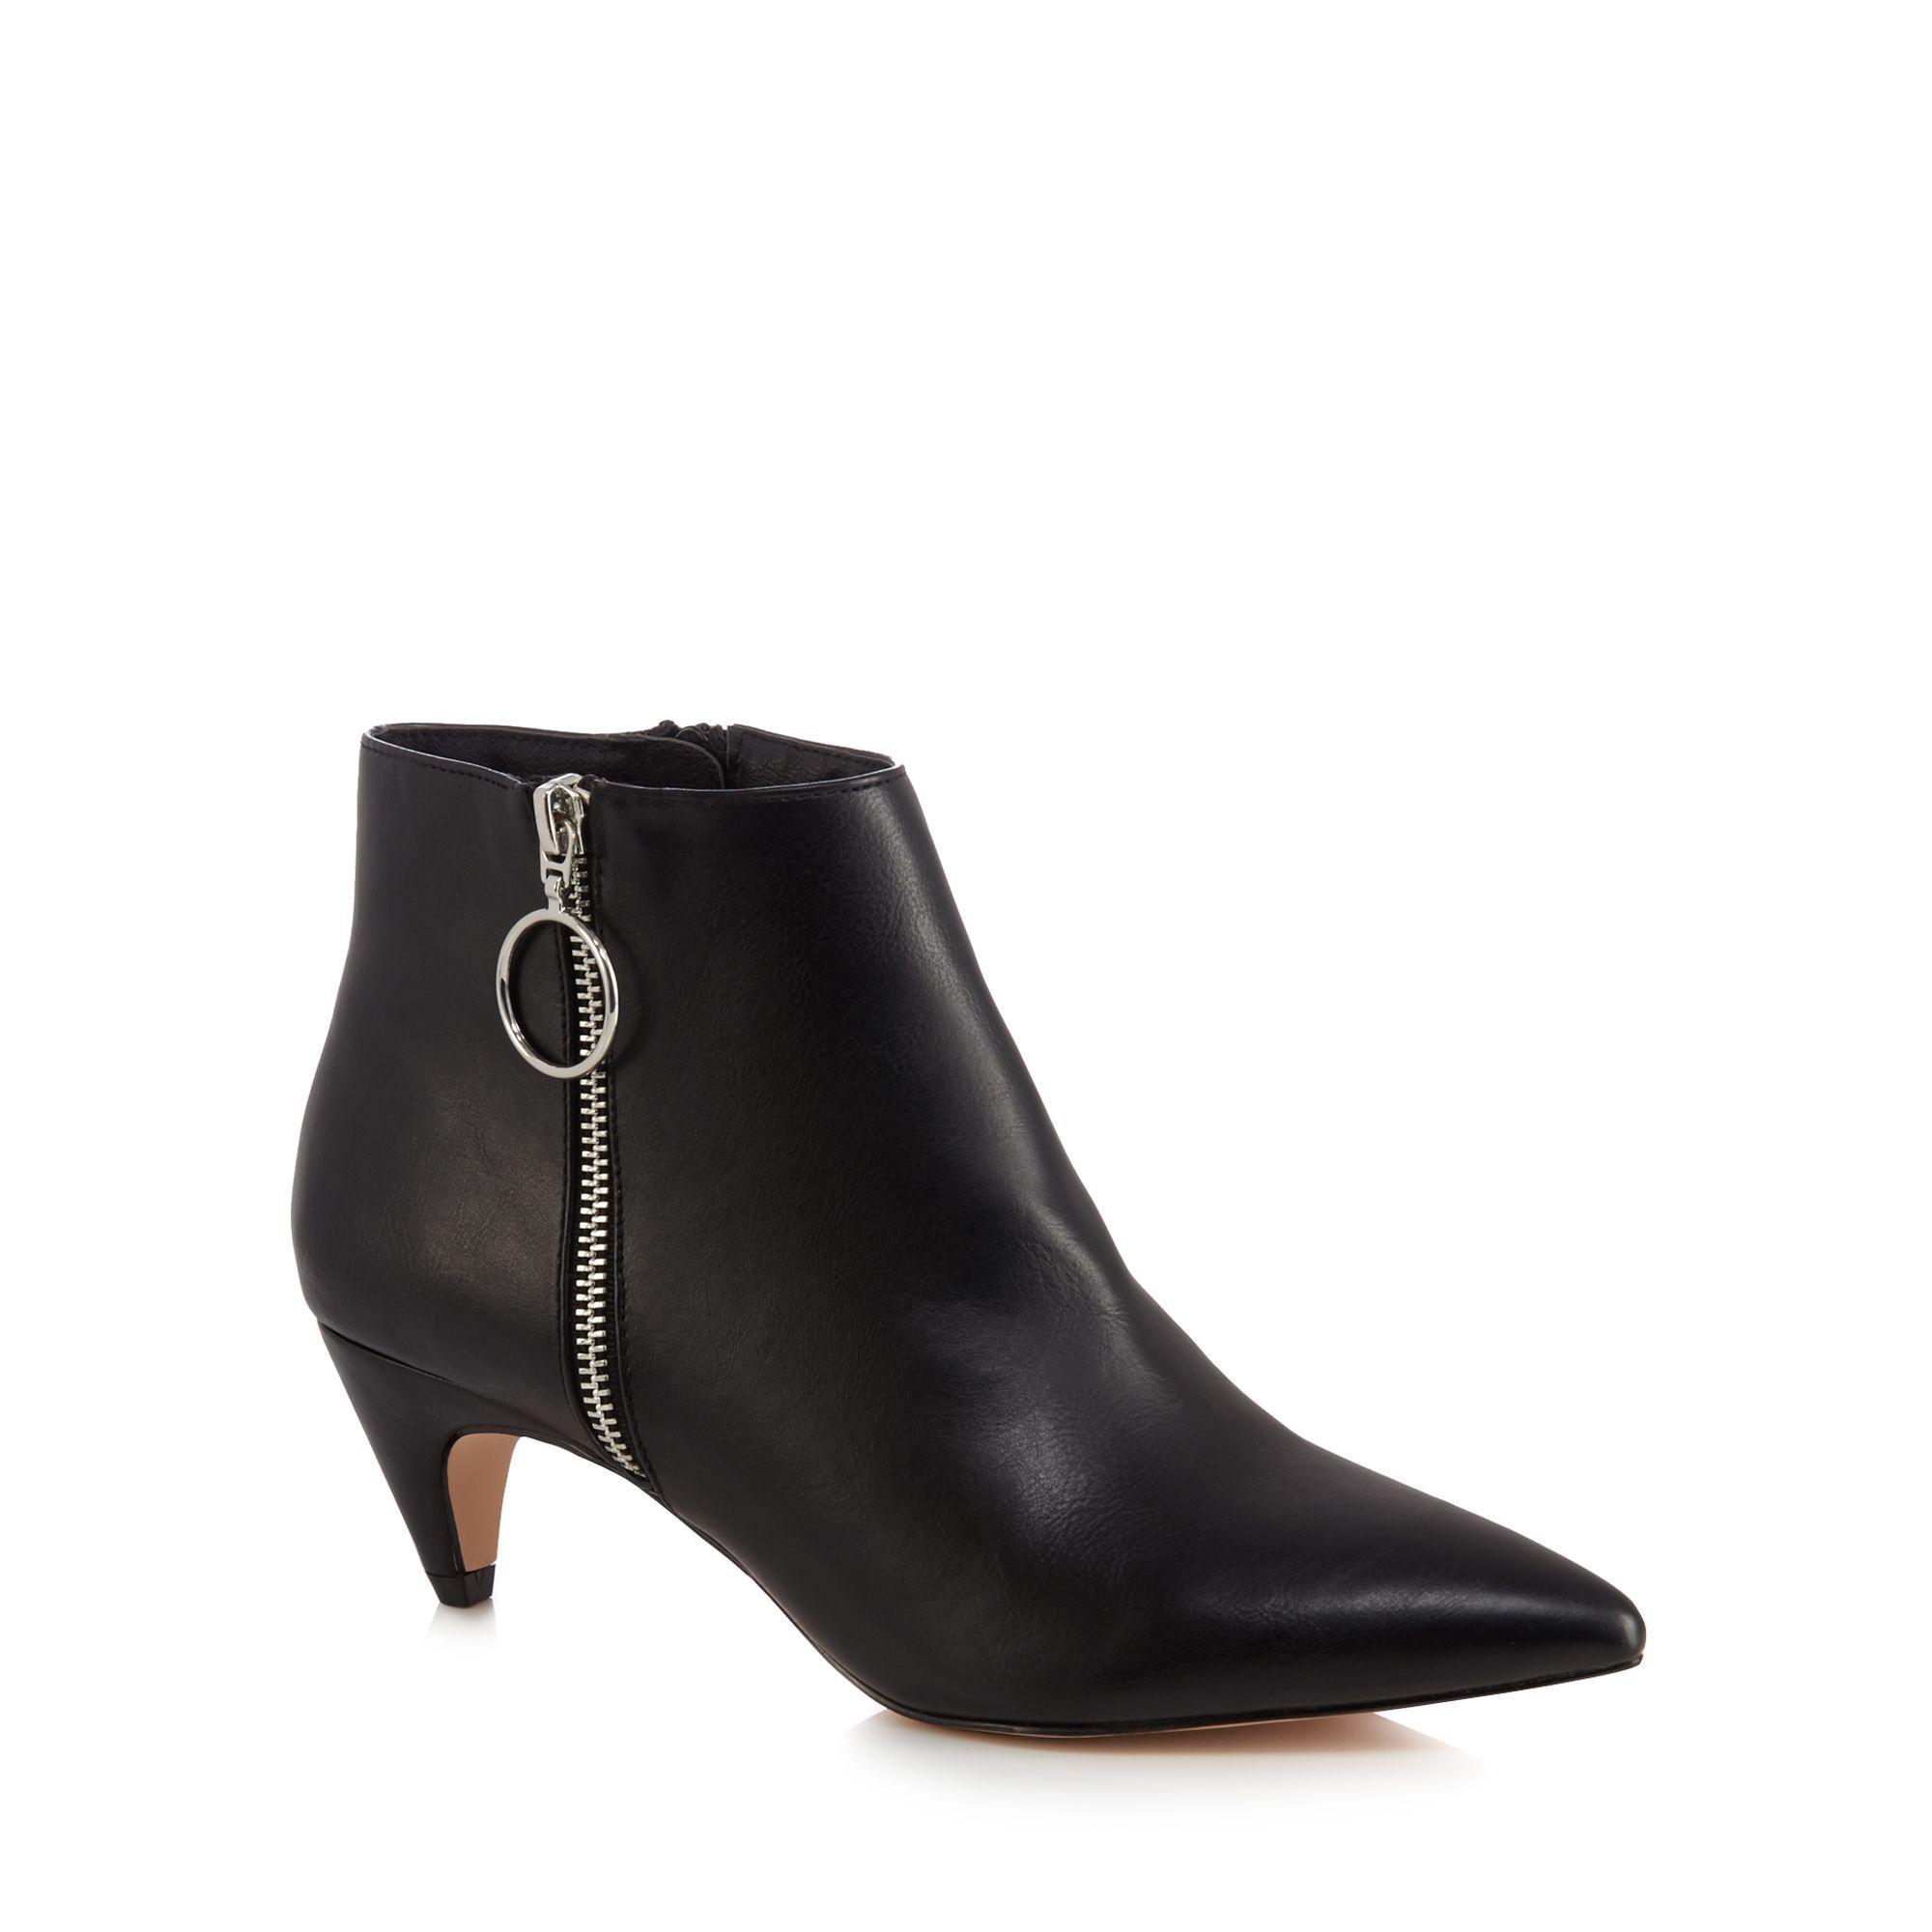 Faith Black 'bolly' Mid Block Heel Ankle Boots